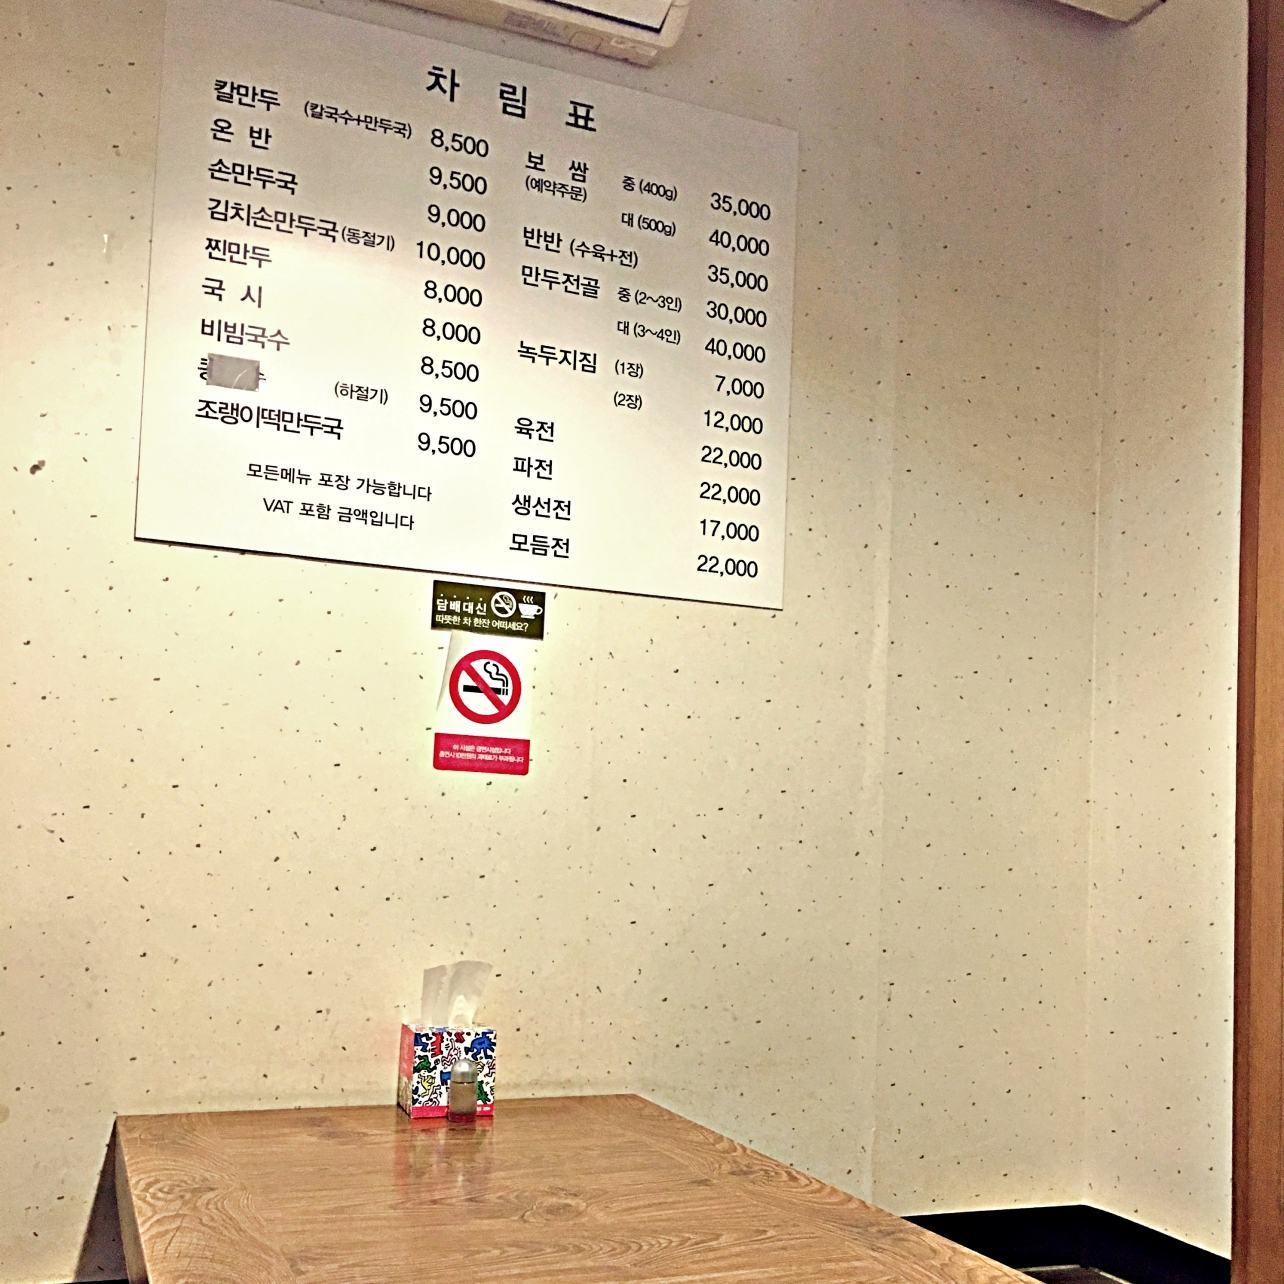 店家是賣手工餃子的專賣店,老闆每天都會現擀麵條、現做餃子,食材都很新鮮。